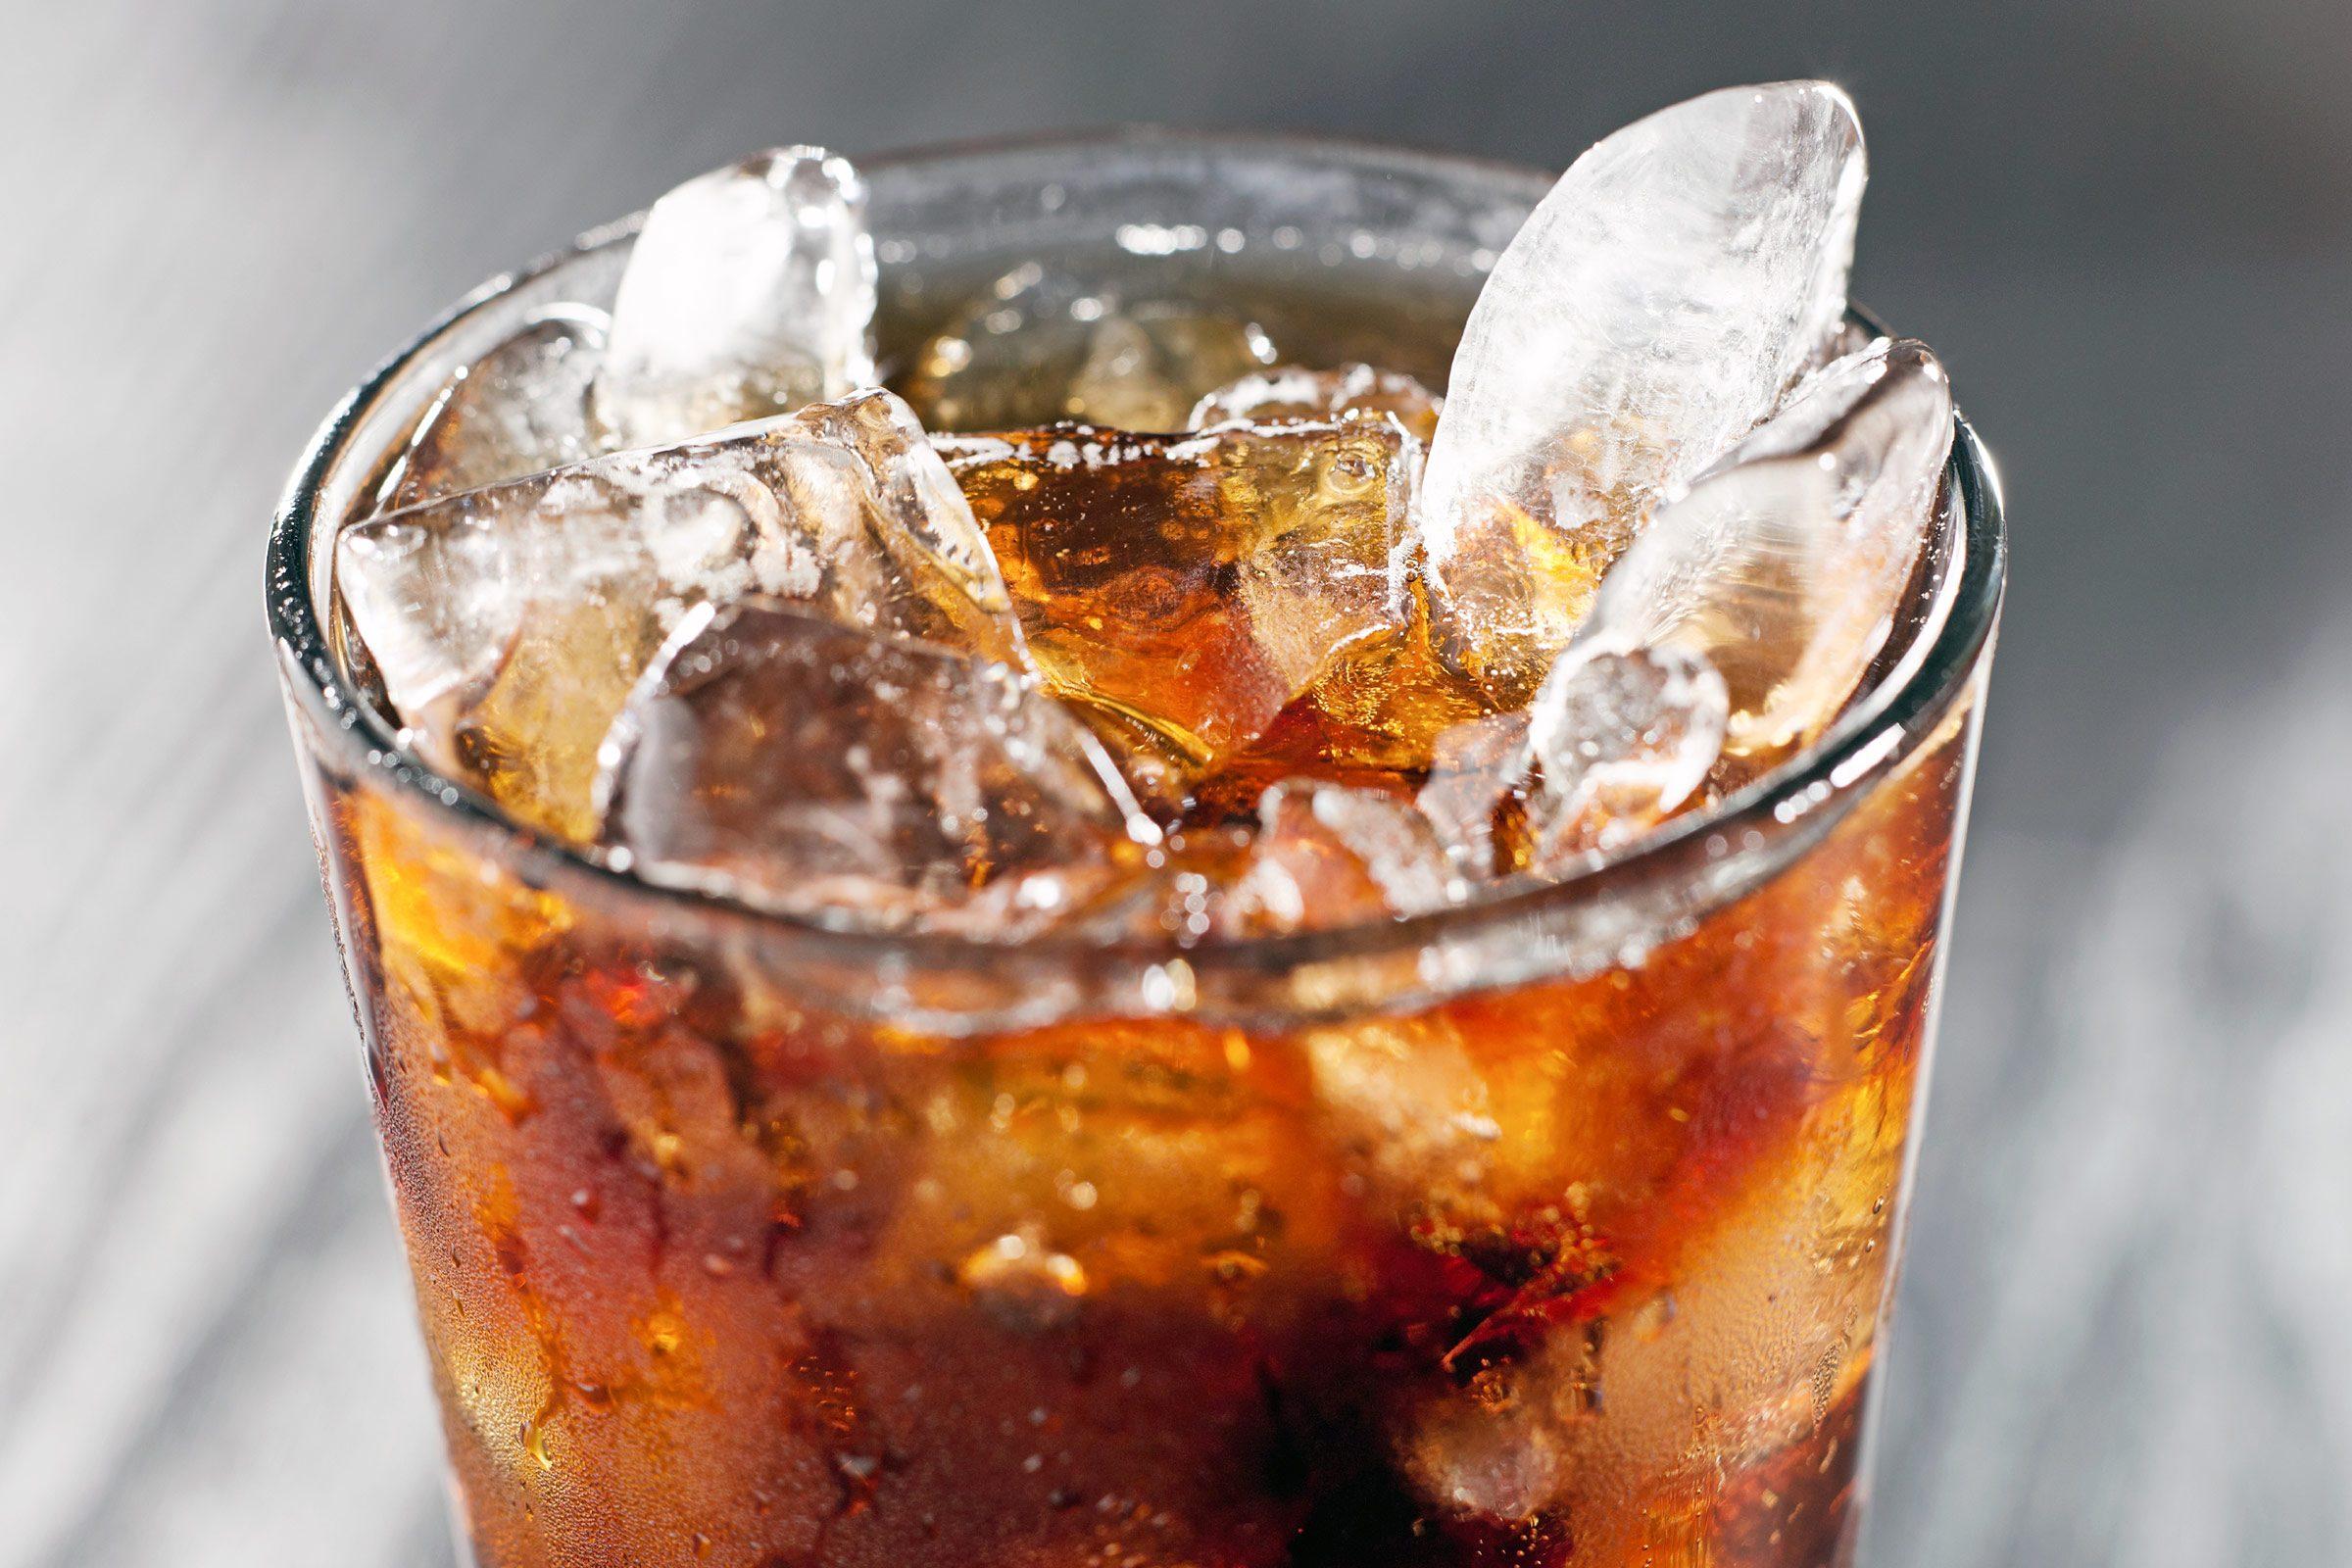 هل المشروبات الغازية الخالية من السعرات الحرارية جيدة، أم أنها قد تؤدي أيضا إلى زيادة الوزن وعدم في القدرة على امتصاص السكر في الدم؟